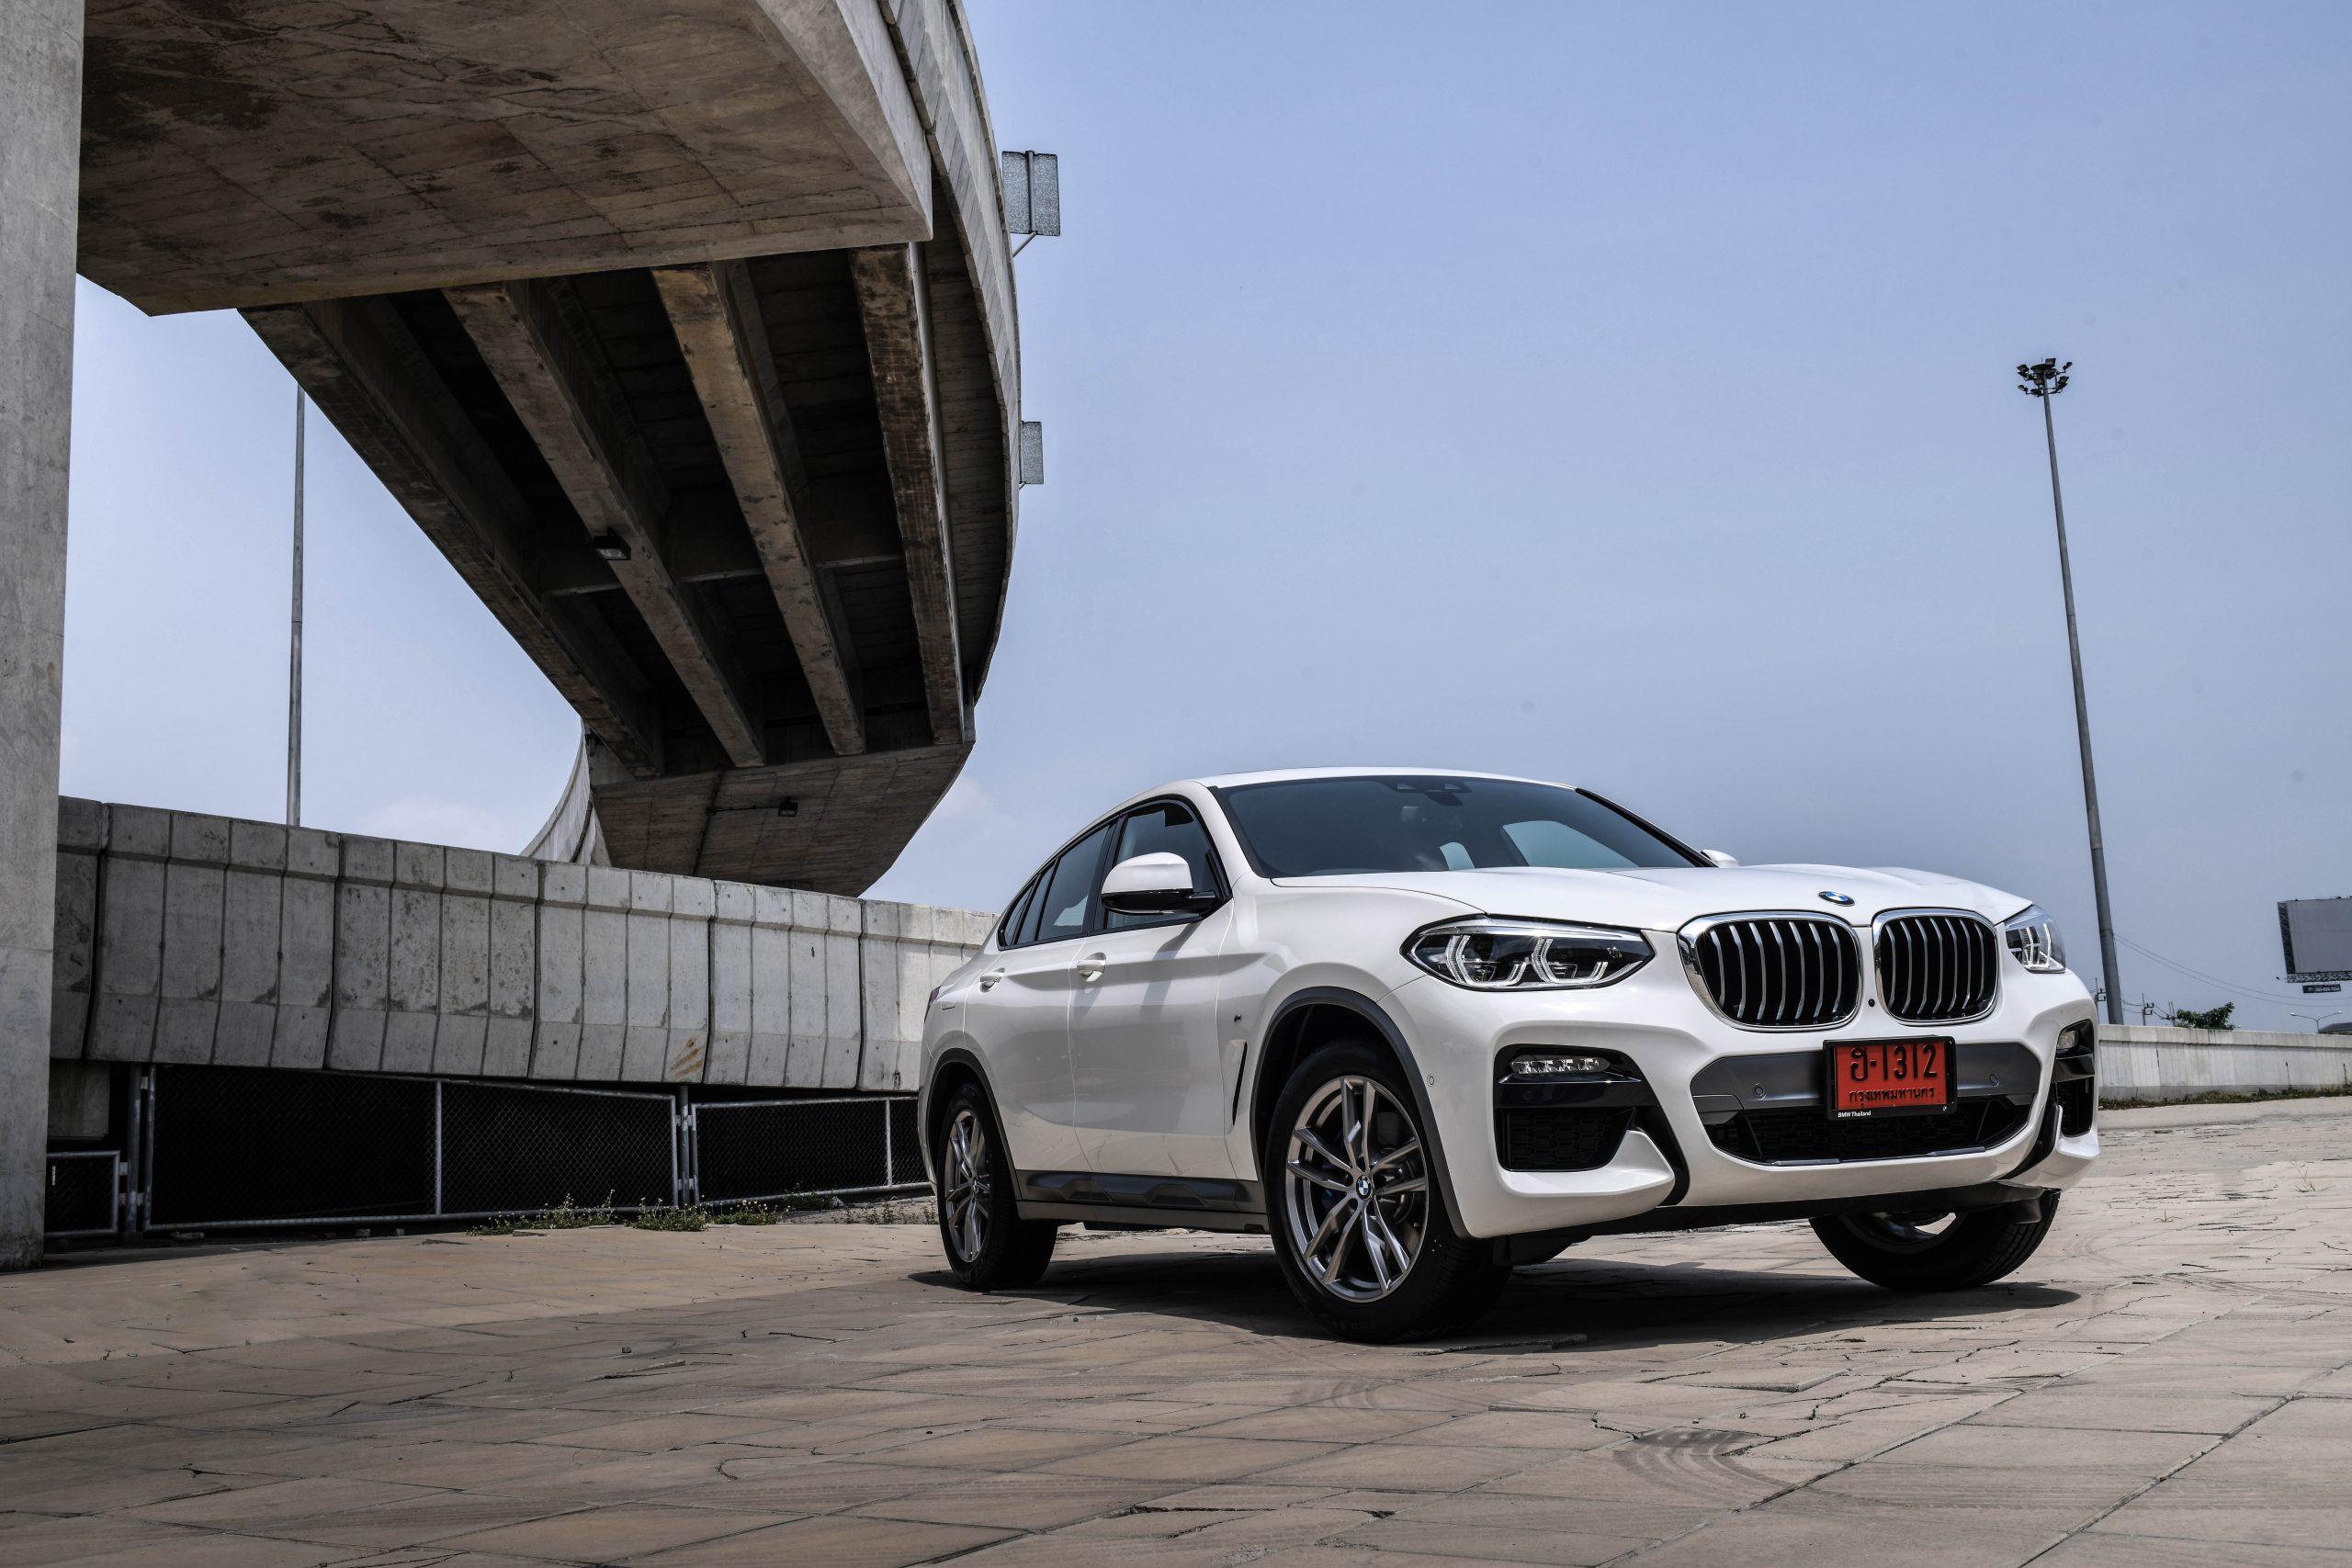 BMW X4 xDrive20d M Sport X เสริมลุคโฉบเฉี่ยว จัดเต็มเทคโนโลยีสุดล้ำในราคาเดิม